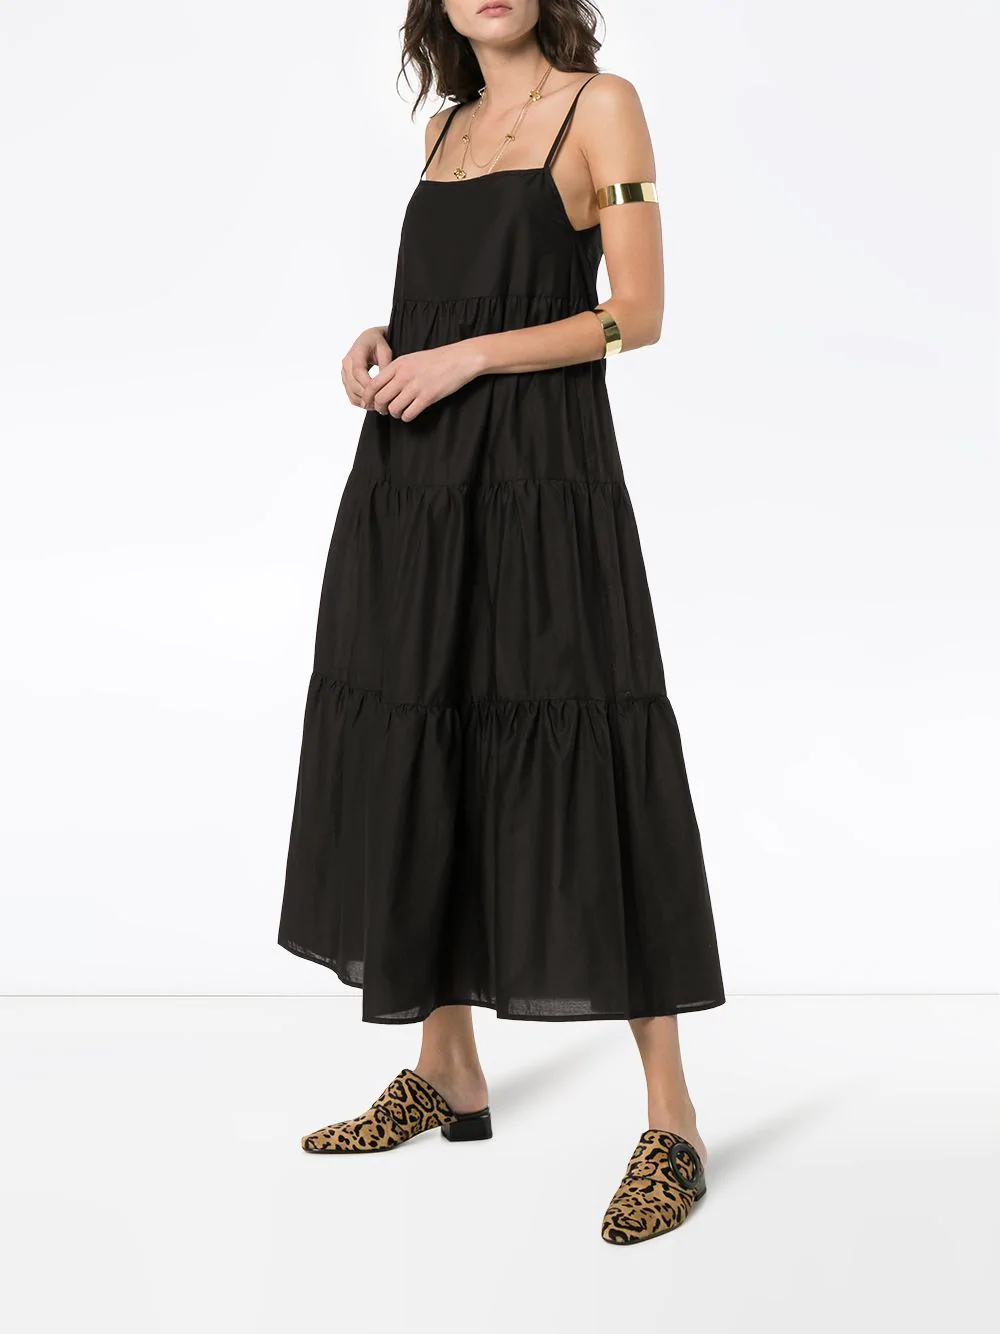 9a2ea3792c2 Matteau + Long Tiered Cotton Sundress